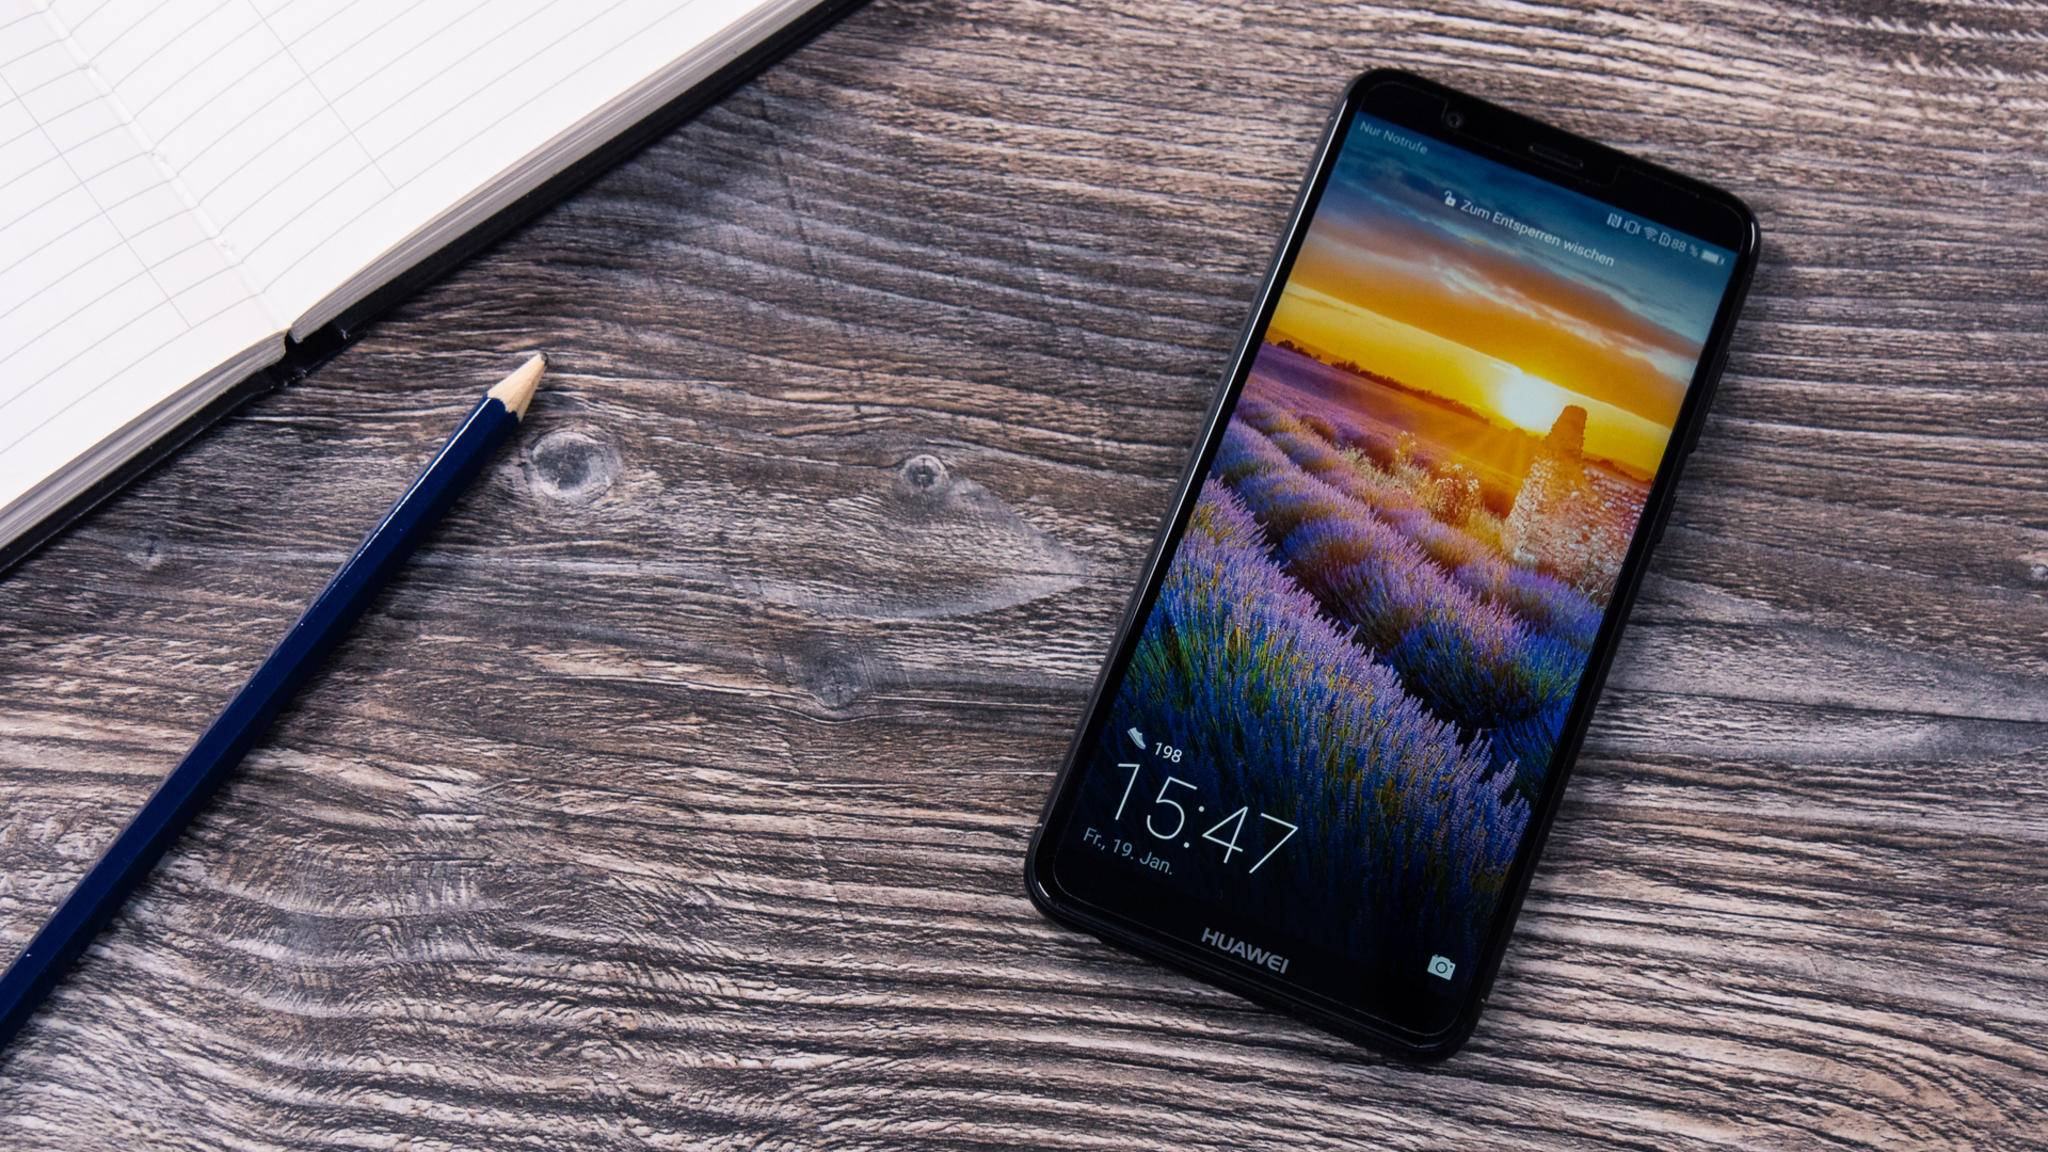 Das Huawei P Smart bietet ein modernes Design und eine solide Ausstattung zum niedrigen Preis.